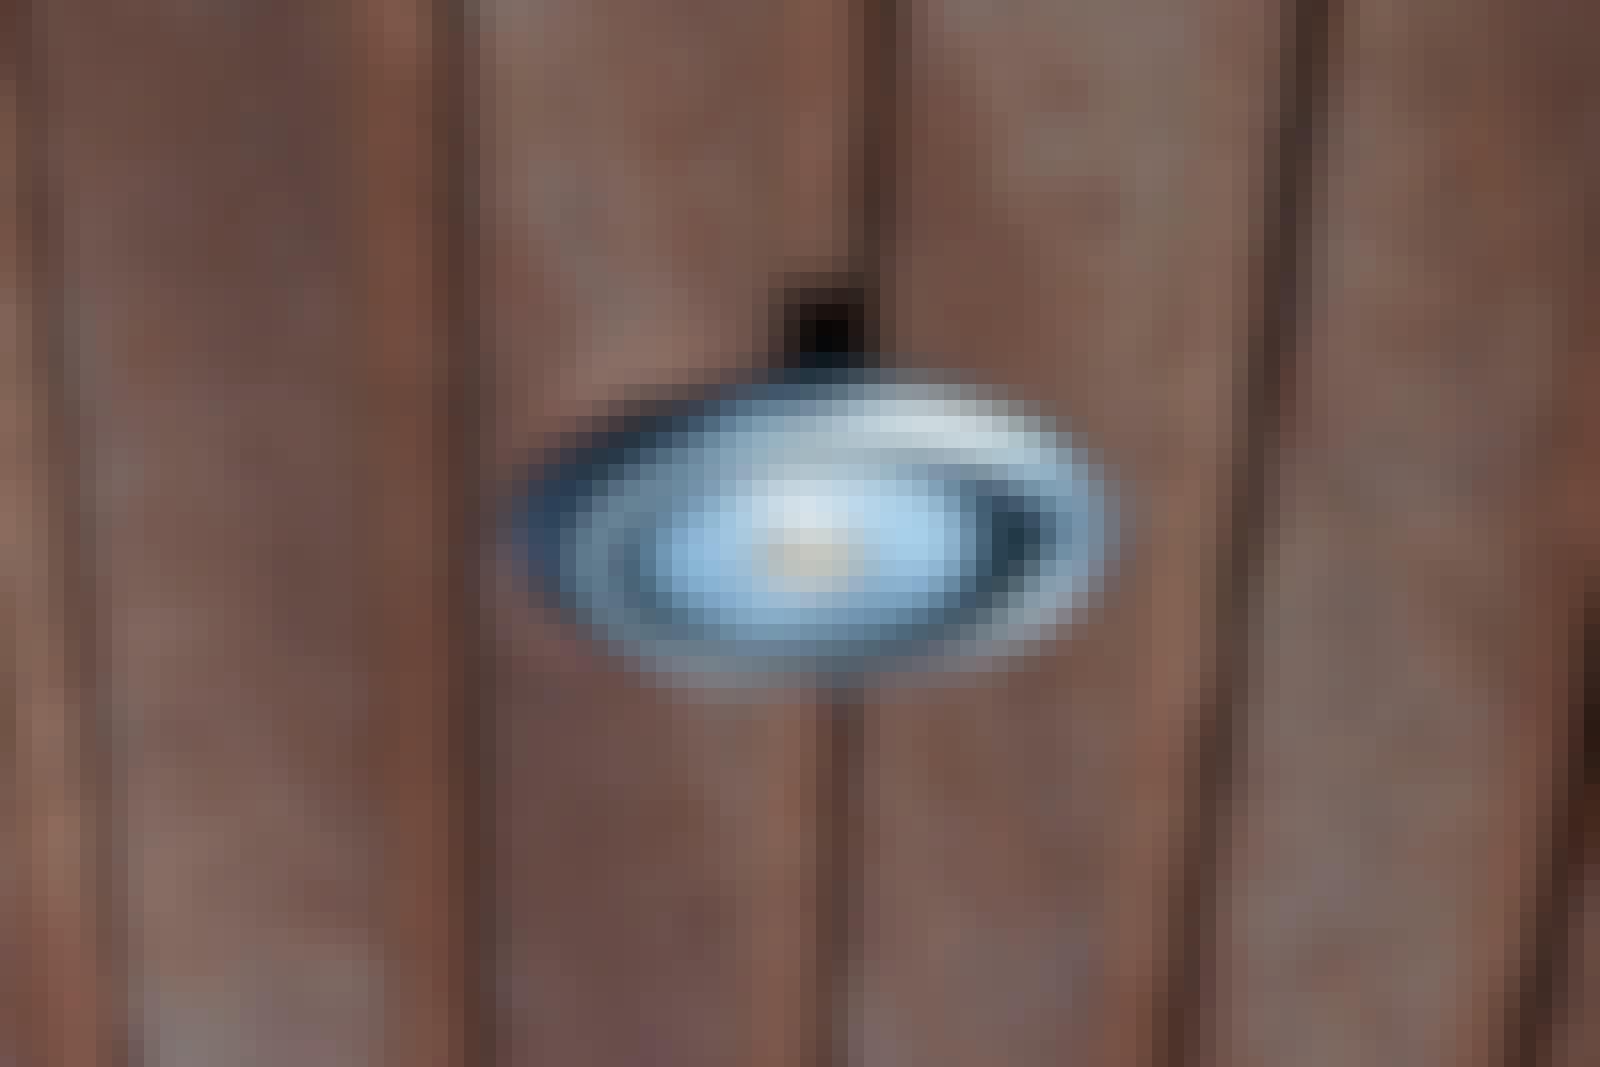 Utelamper: Paros. Lyspunkter til terrasse eller gesimskasser